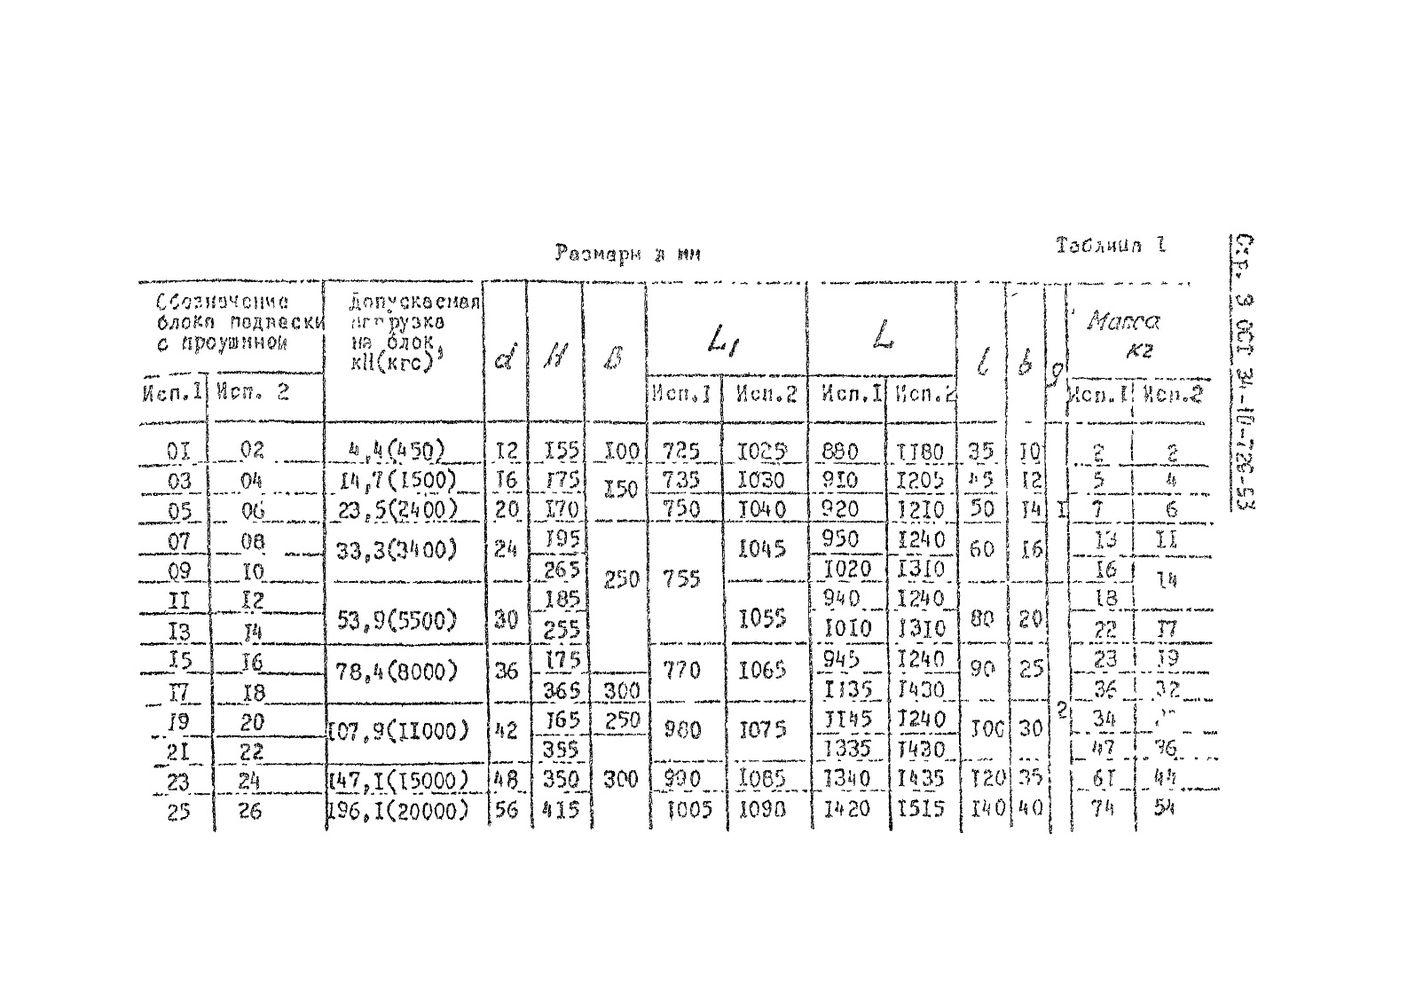 Блоки подвесок с проушиной ОСТ 34-10-729-93 стр.3